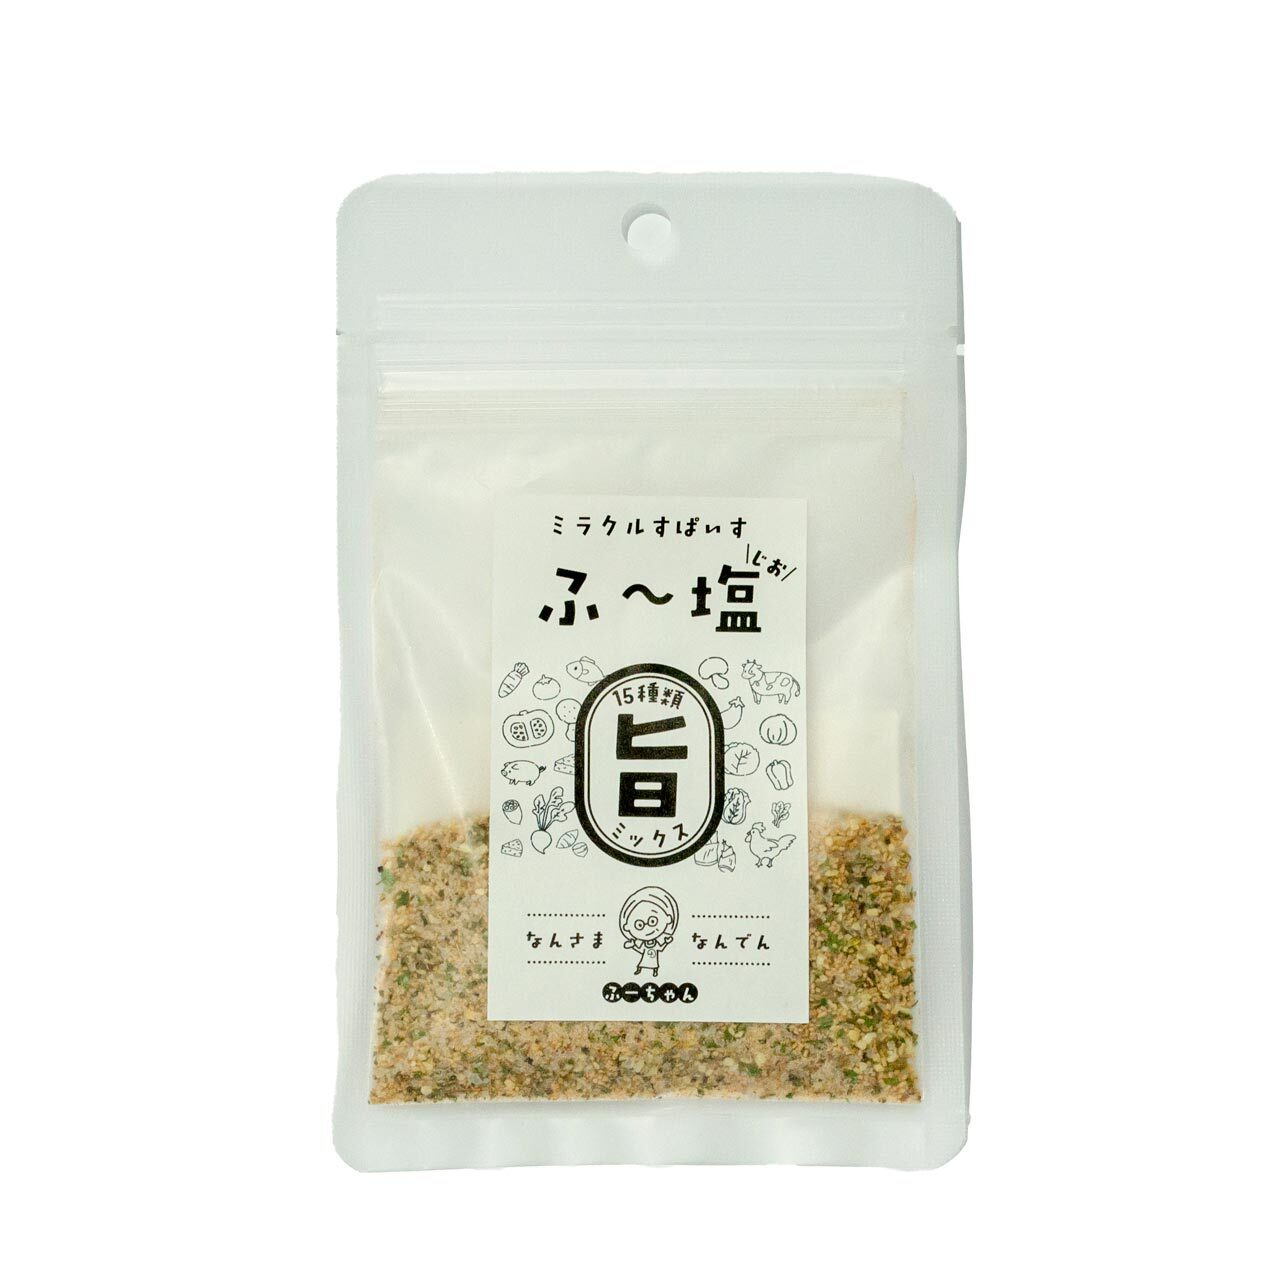 ミラクルすぱいす「ふ~塩」旨ミックス30g(ふー塩、ふーじお)